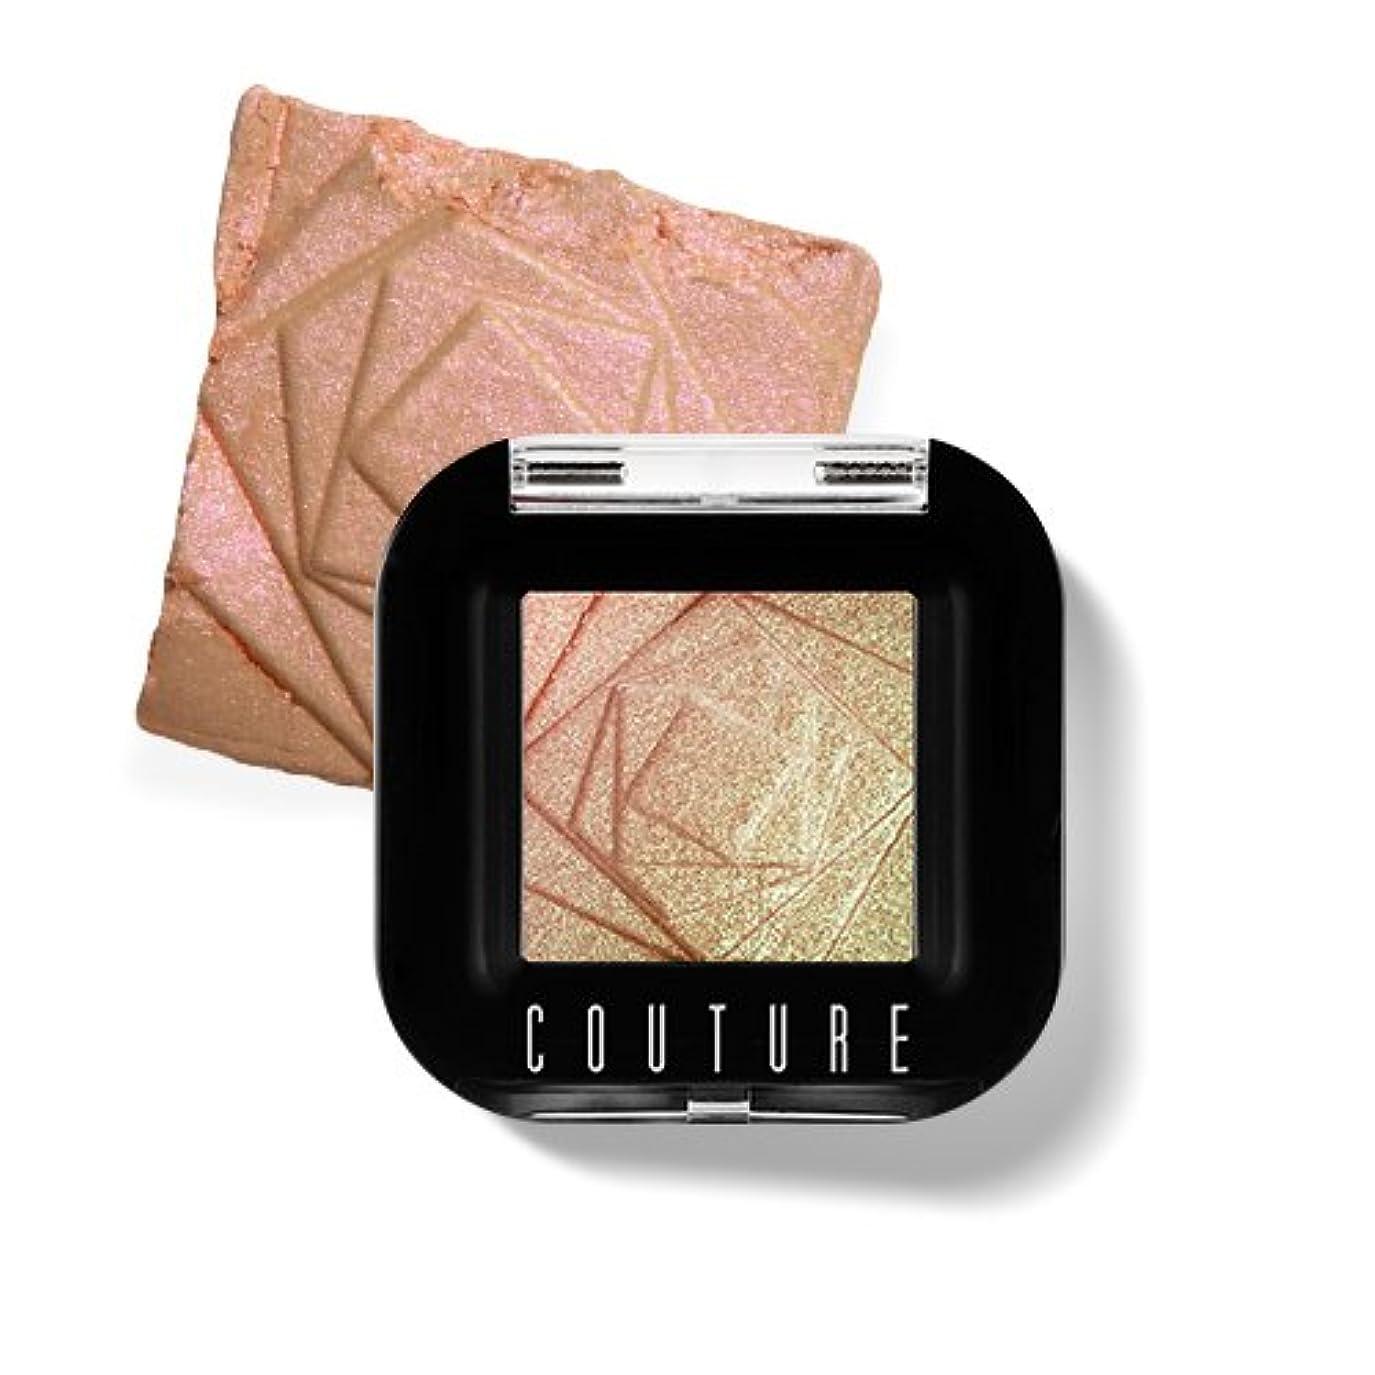 引っ張る名義でバックグラウンドAPIEU Couture Shadow (# 12) /アピュ/オピュ クチュールシャドウ [並行輸入品]